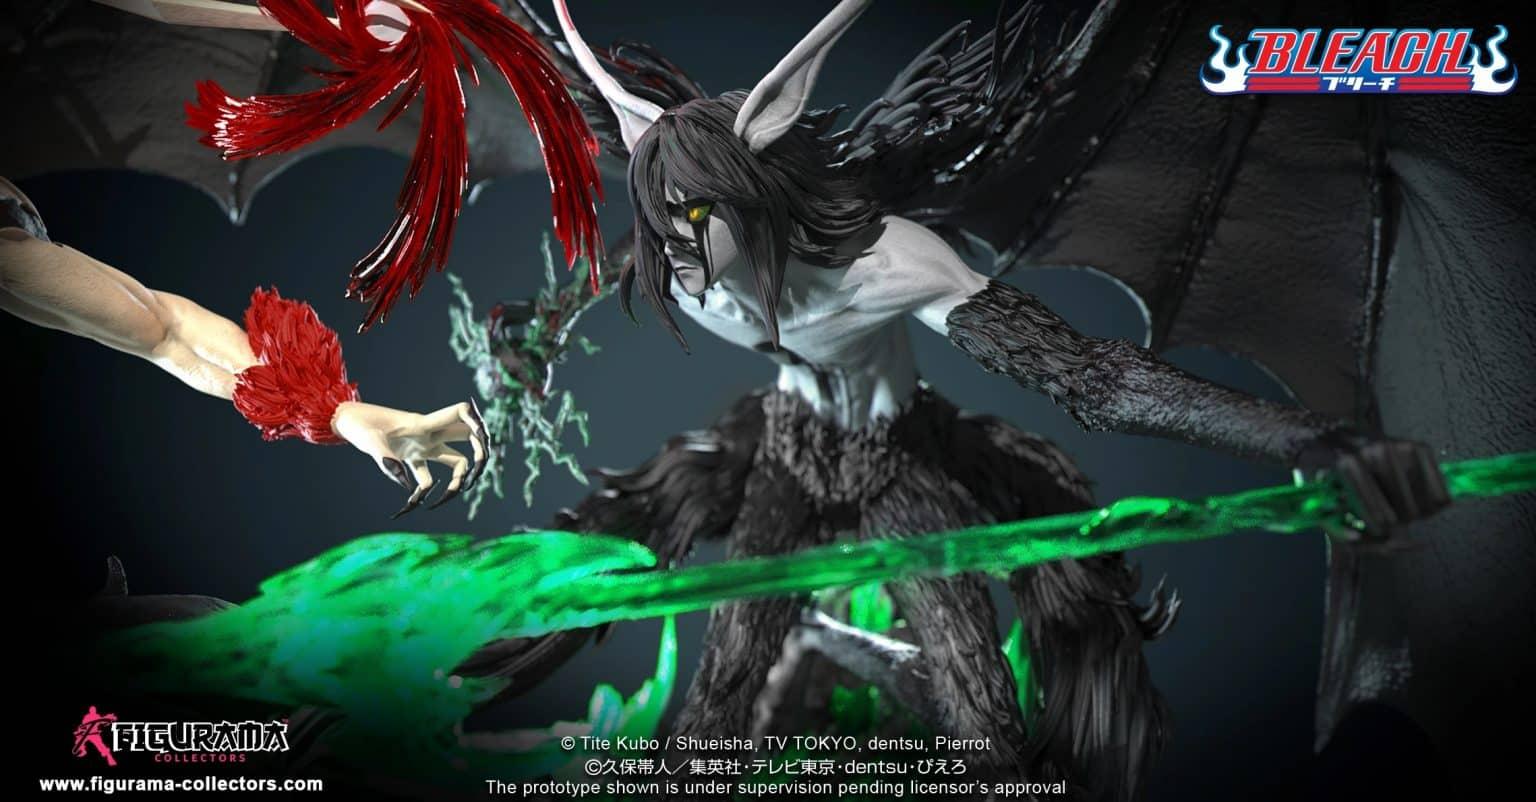 Une statue incroyable recrée le combat d'Ichigo avec Ulquiorra dans Bleach 24